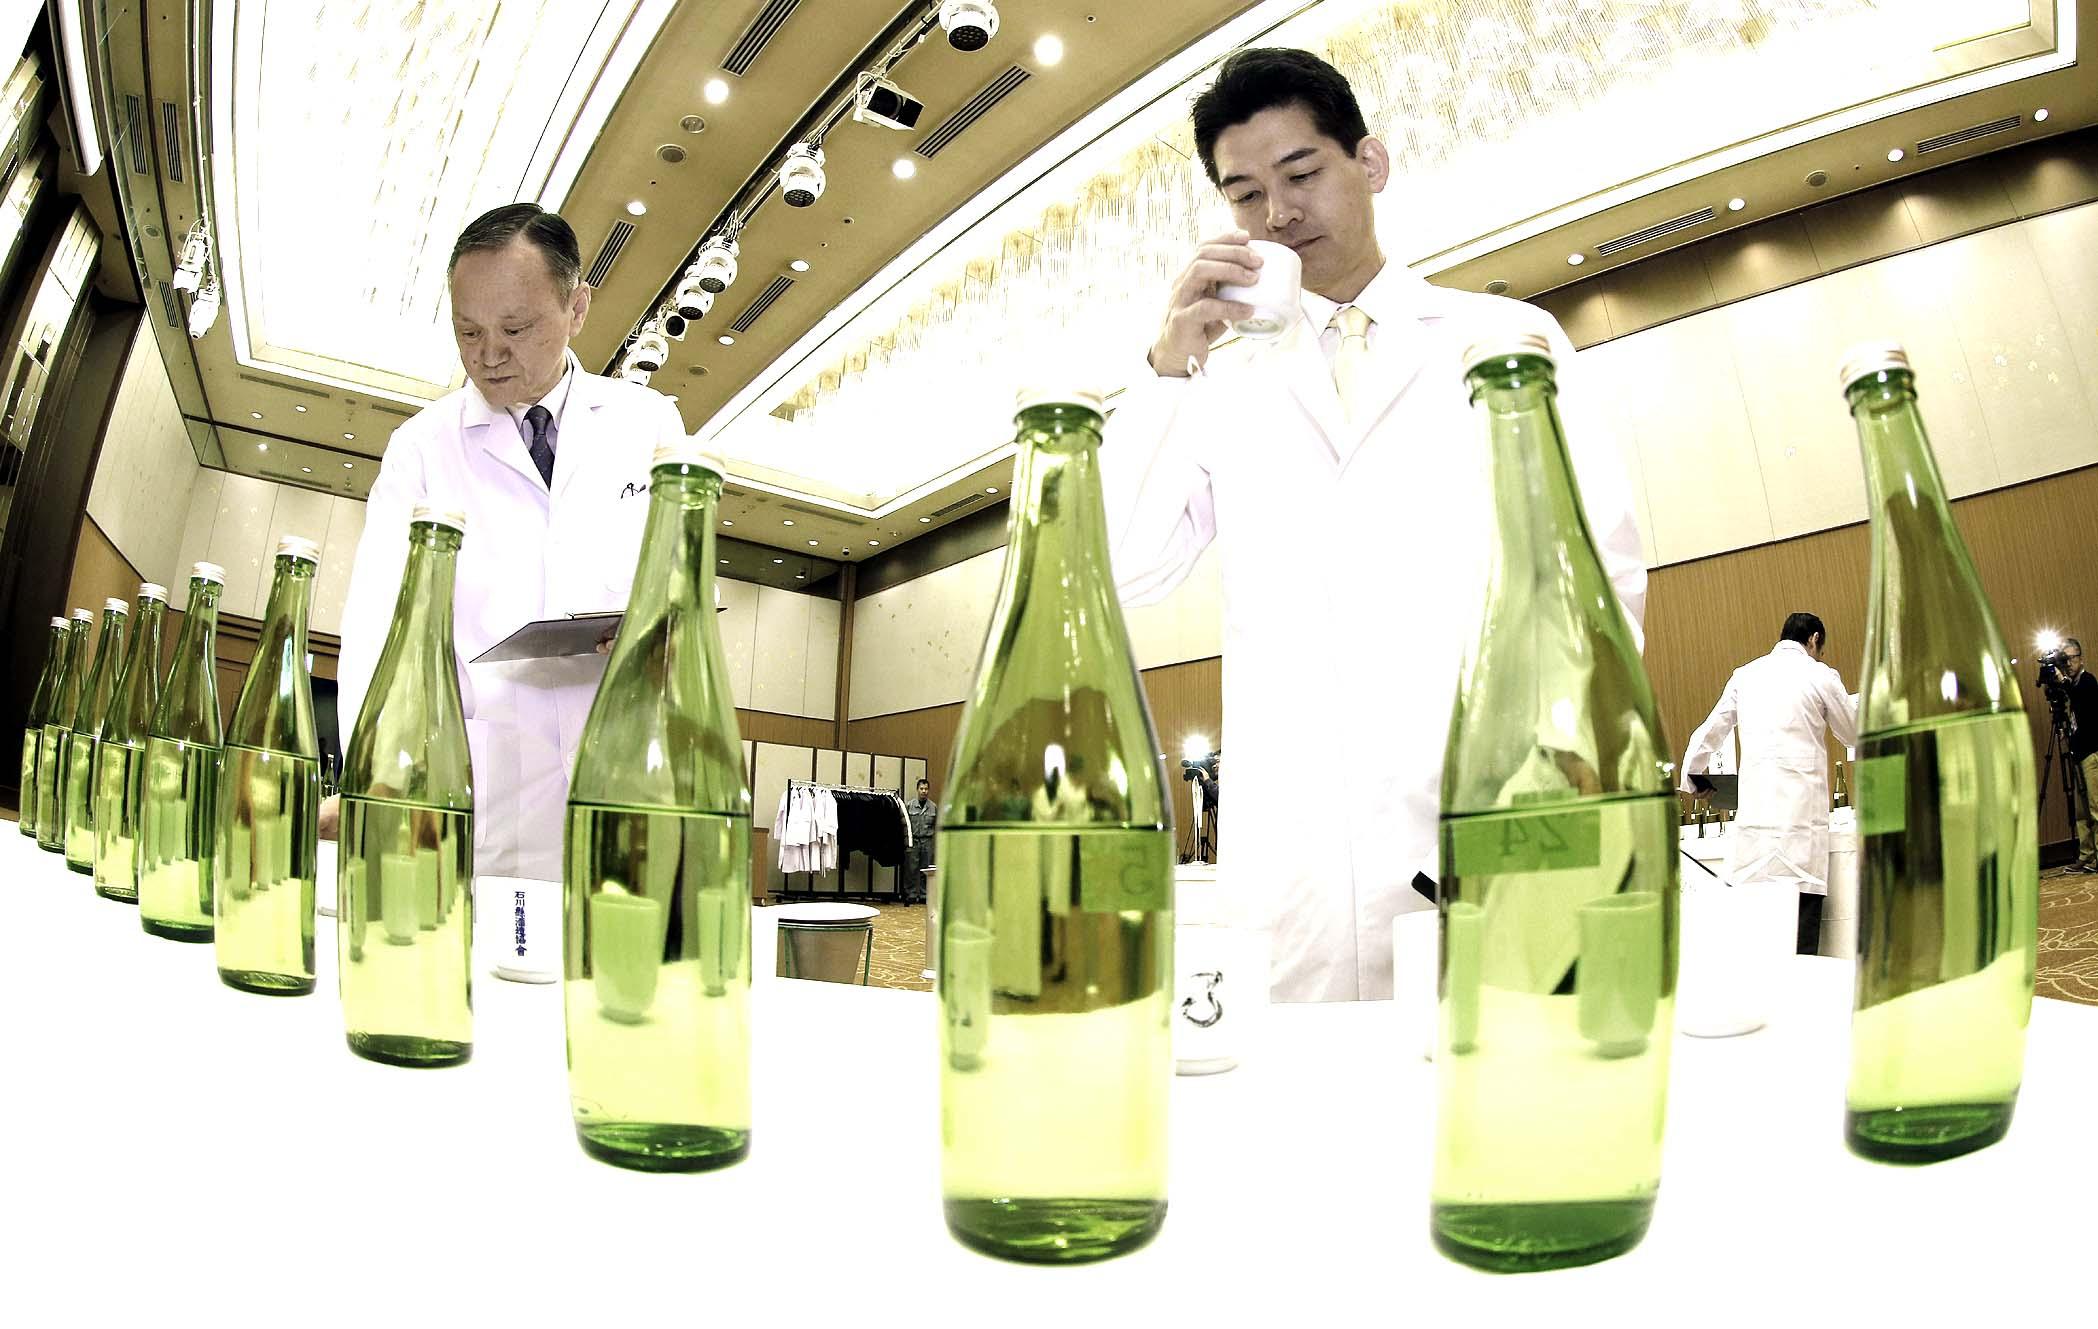 酒の出来栄えを確かめる審査員=26日午前9時40分、金沢市内のホテル